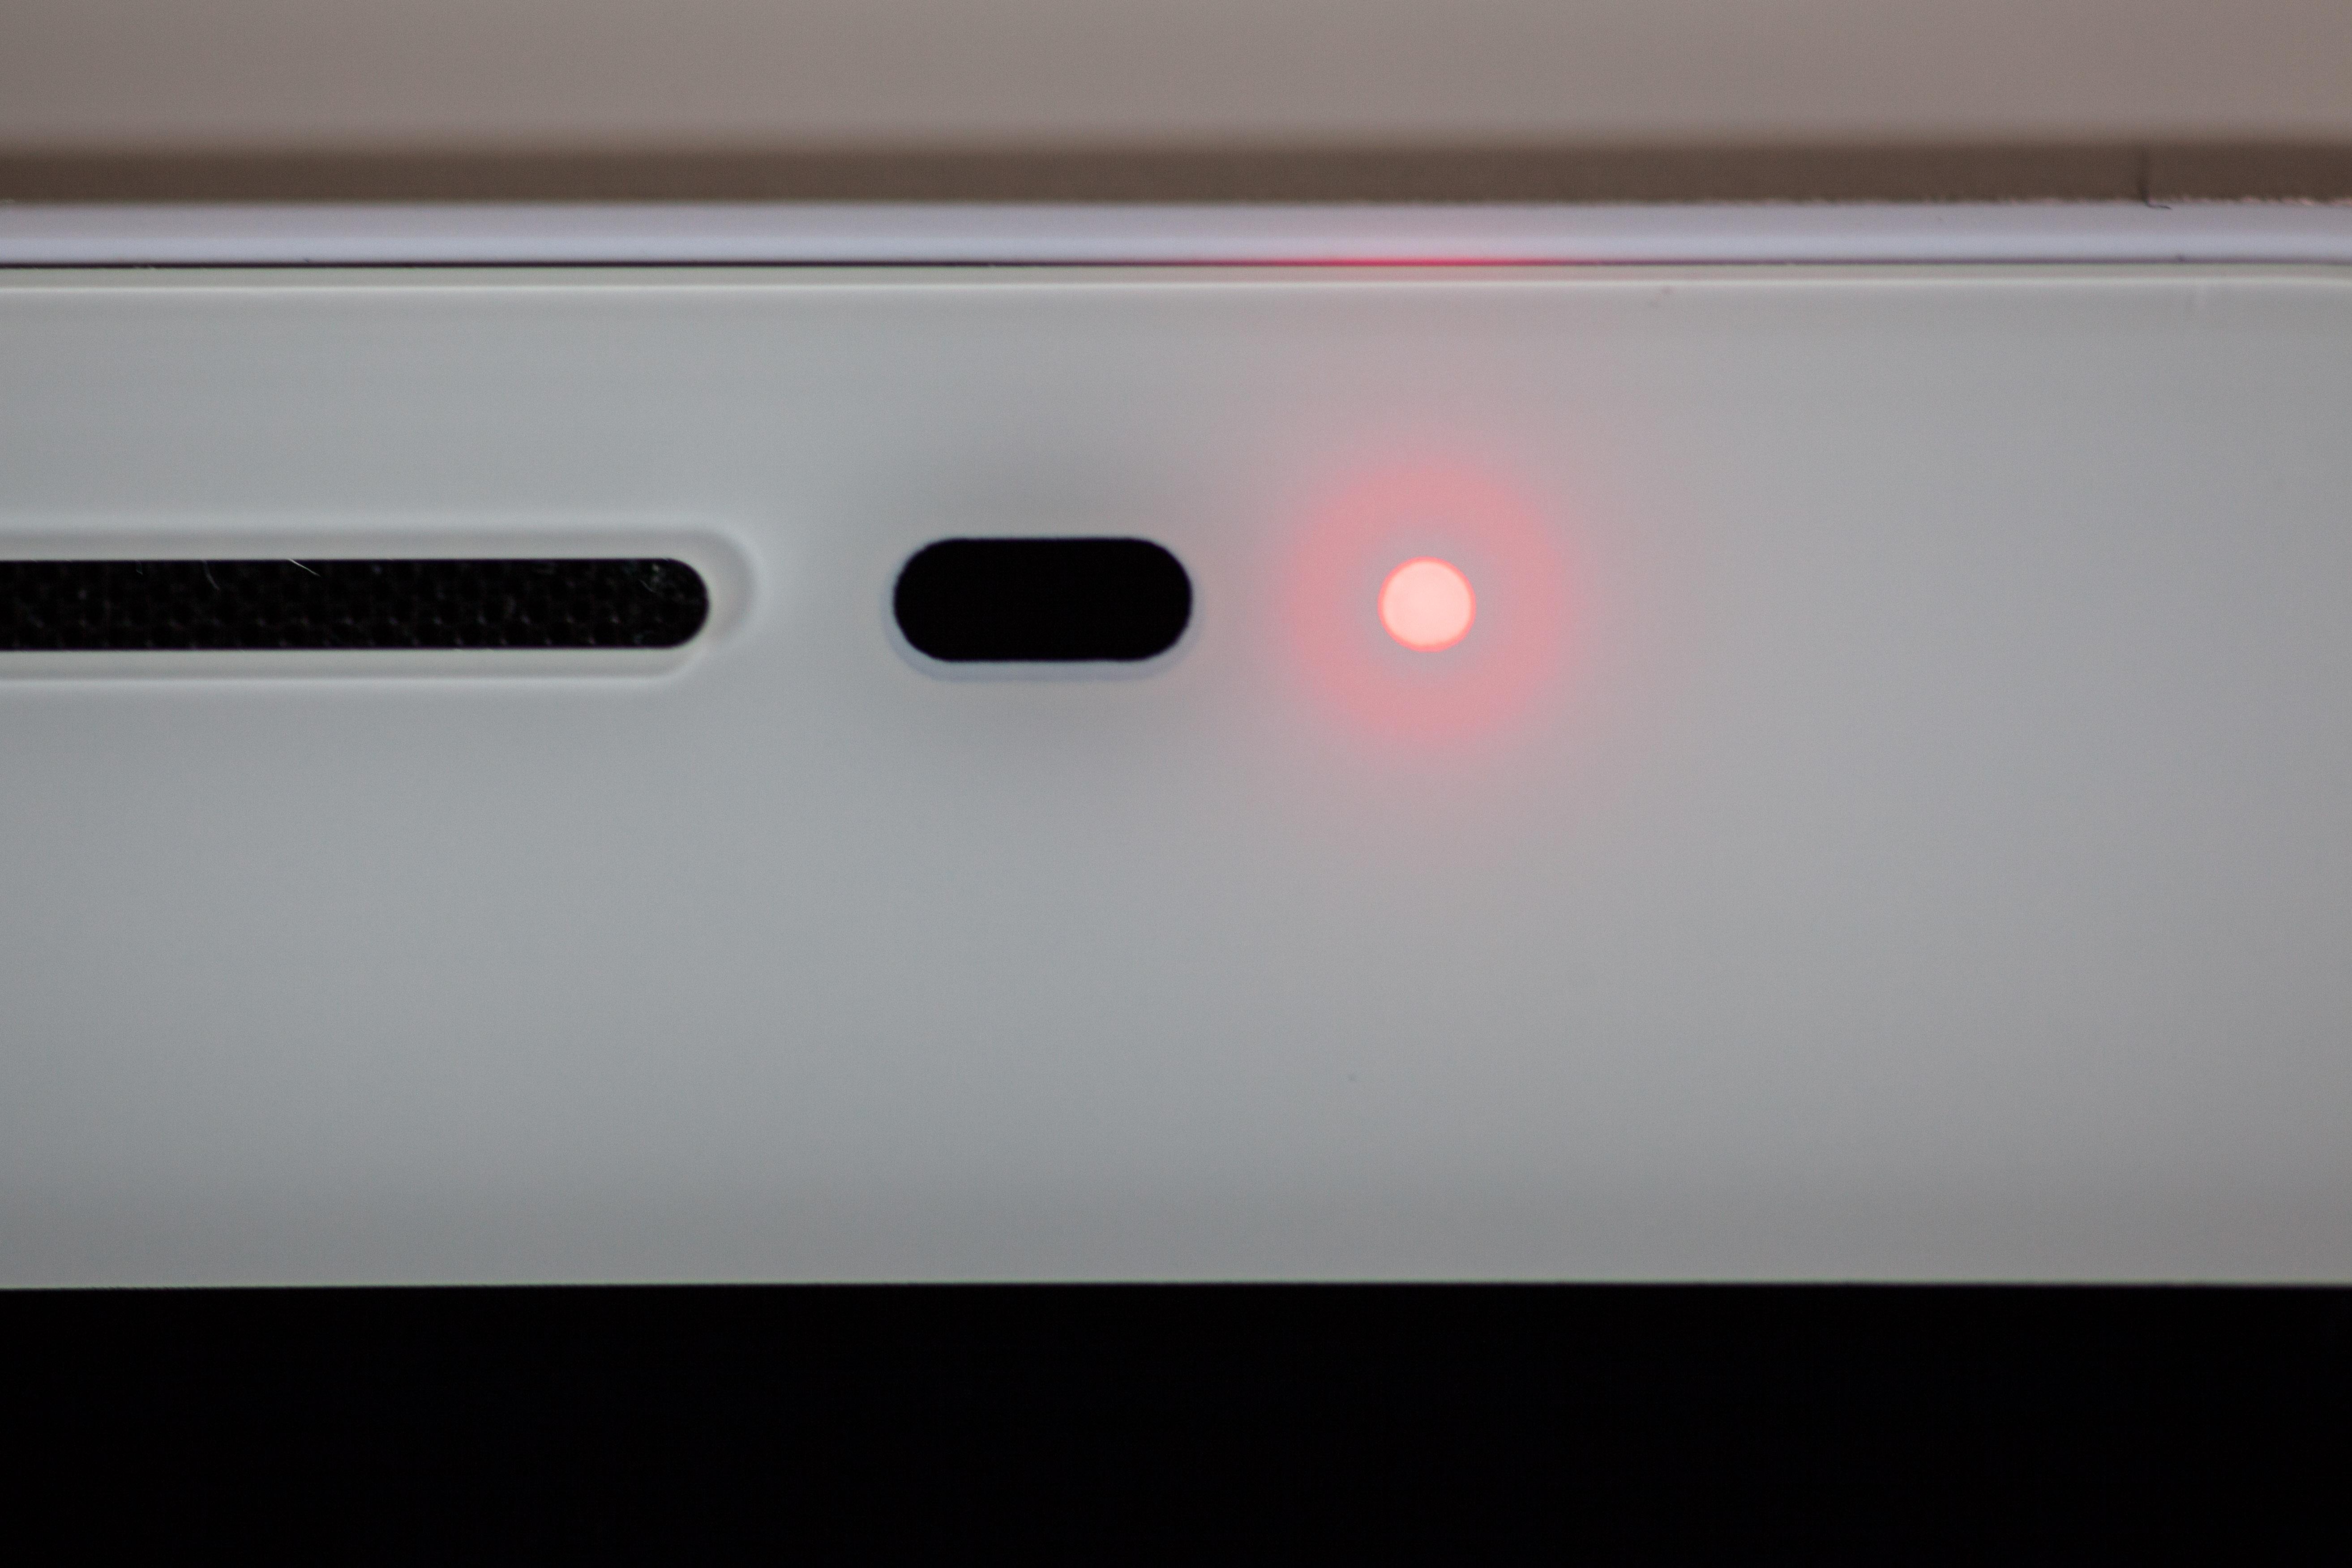 Benachrichtigungs-LED